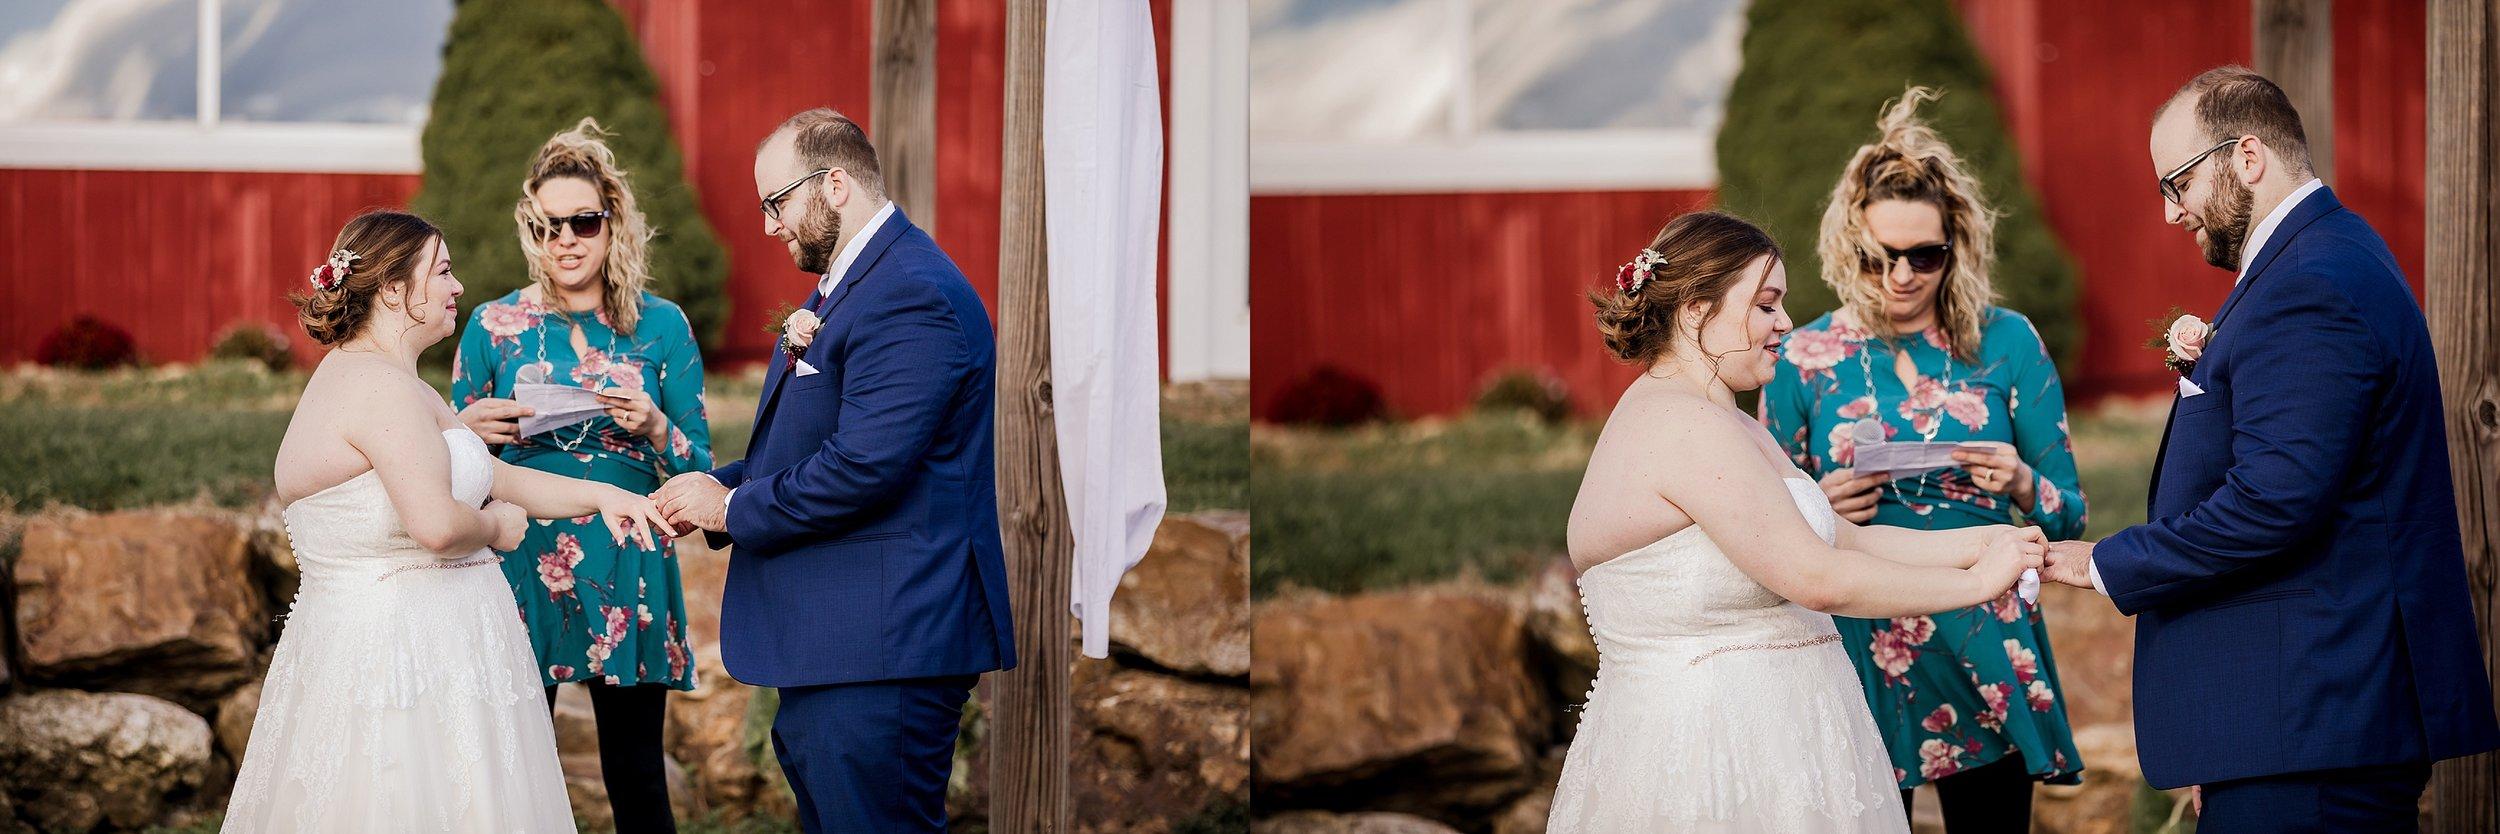 Savidge-Farms-Wedding-Photographer_0083.jpg